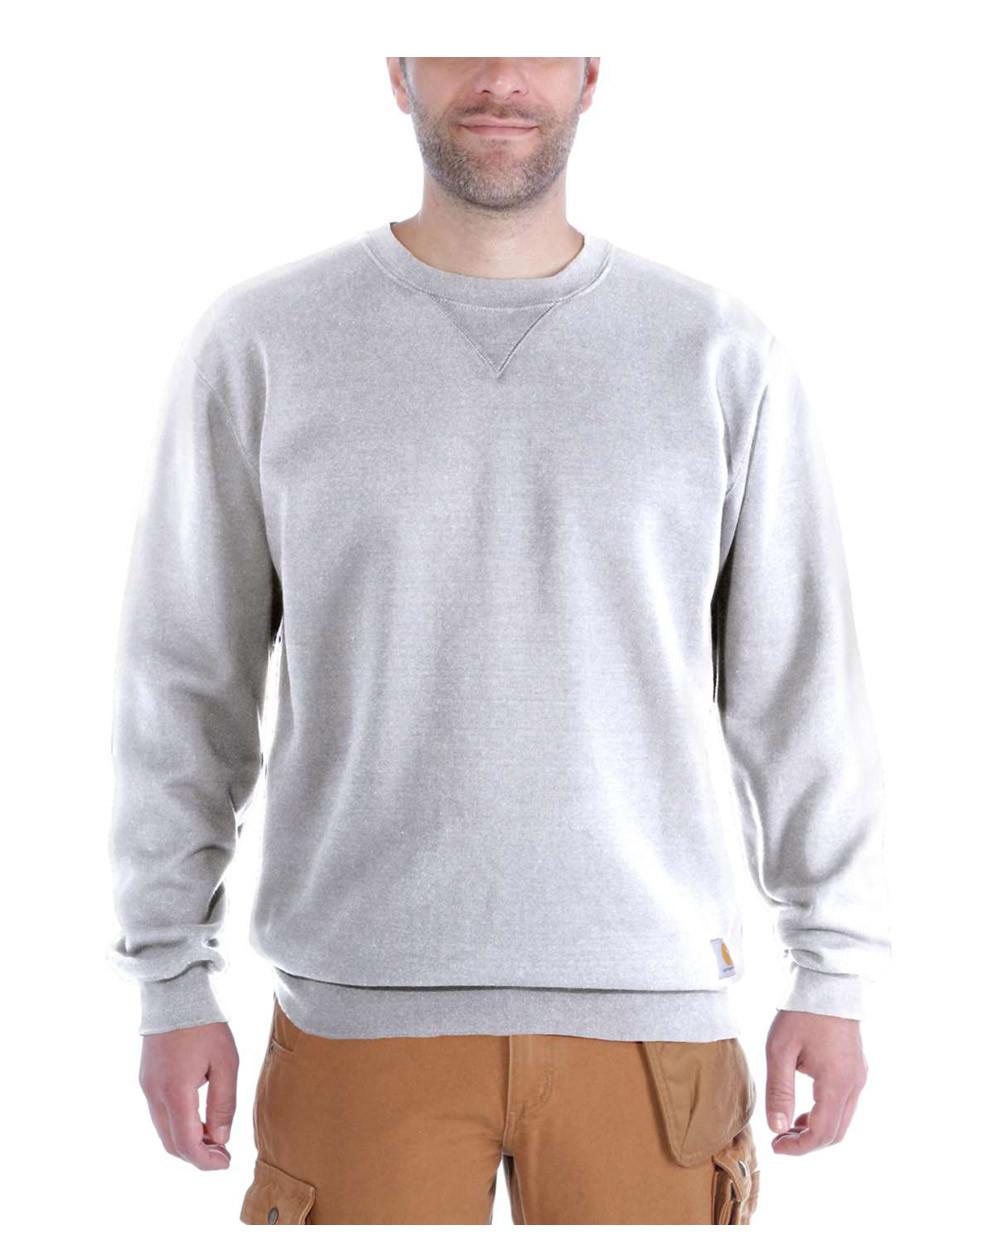 Image of   Carhartt Midweight Crewneck Sweatshirt (Grå Meleret, 2XL)